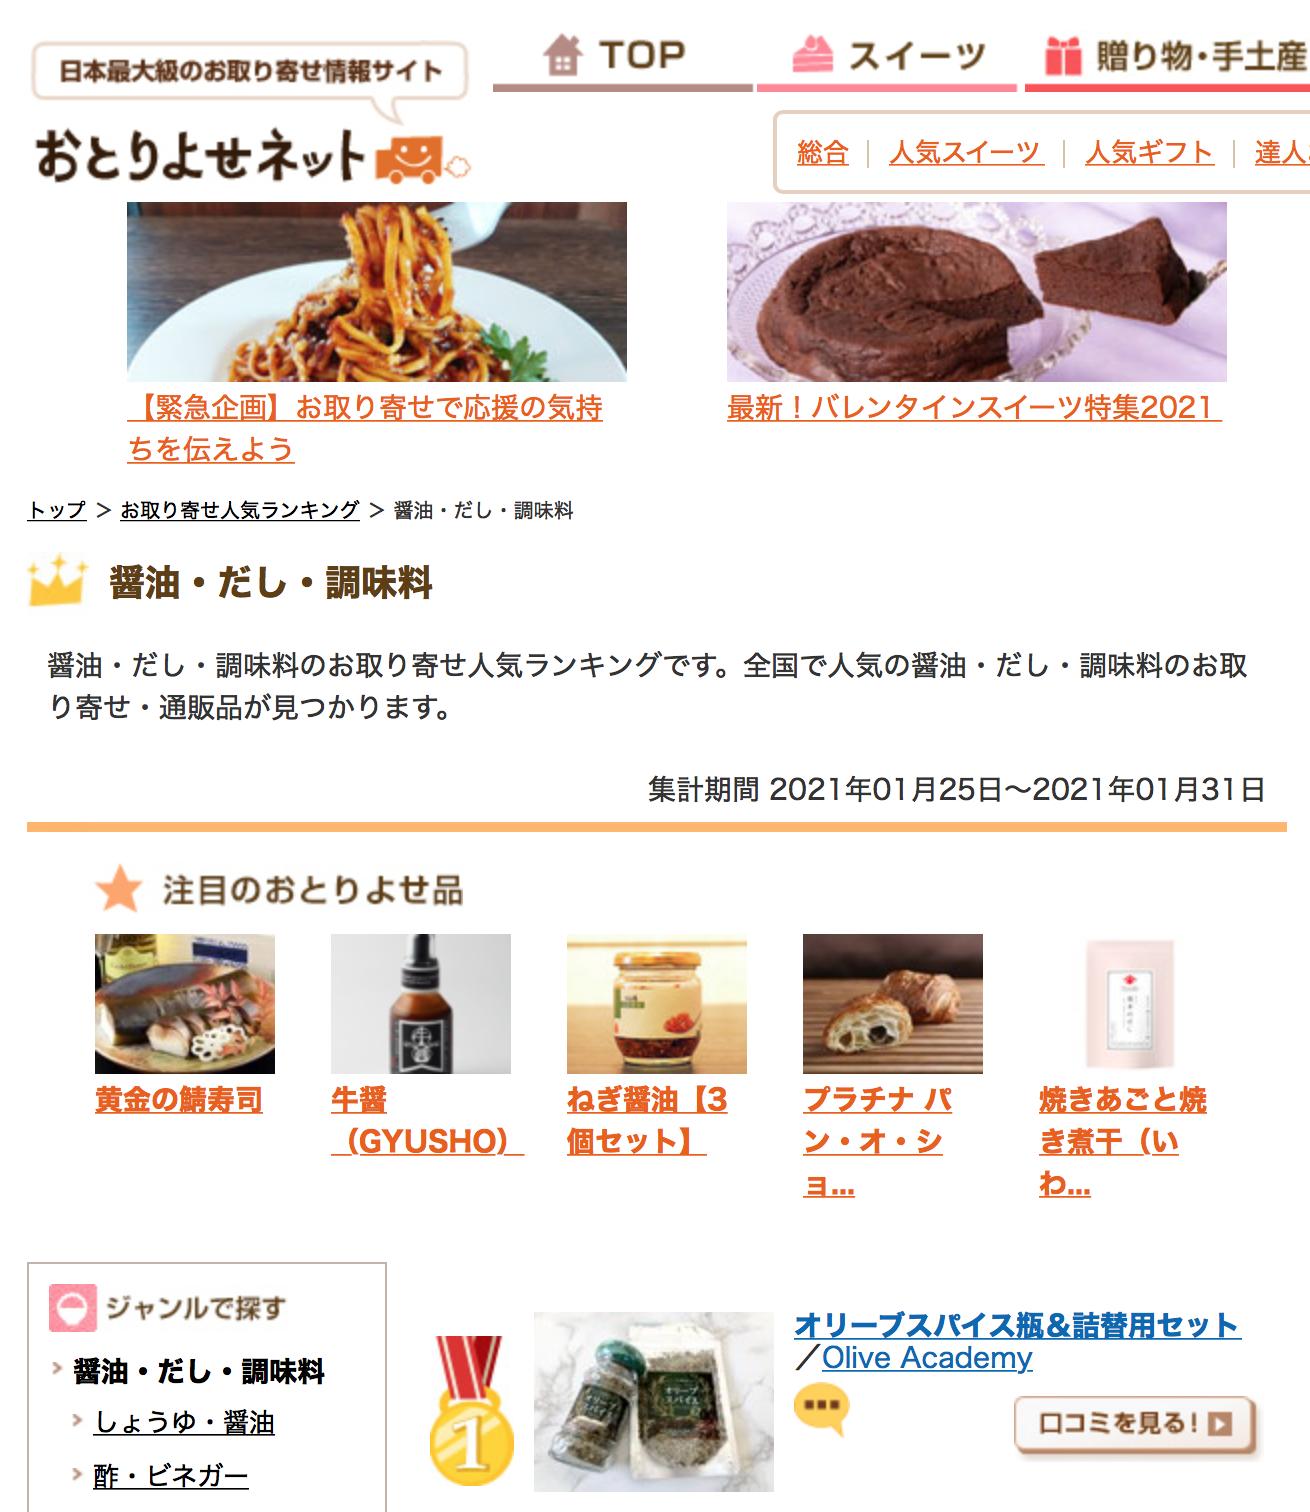 おとりよせネットの醤油・だし・調味料カテゴリーで1位獲得のオリーブスパイス!